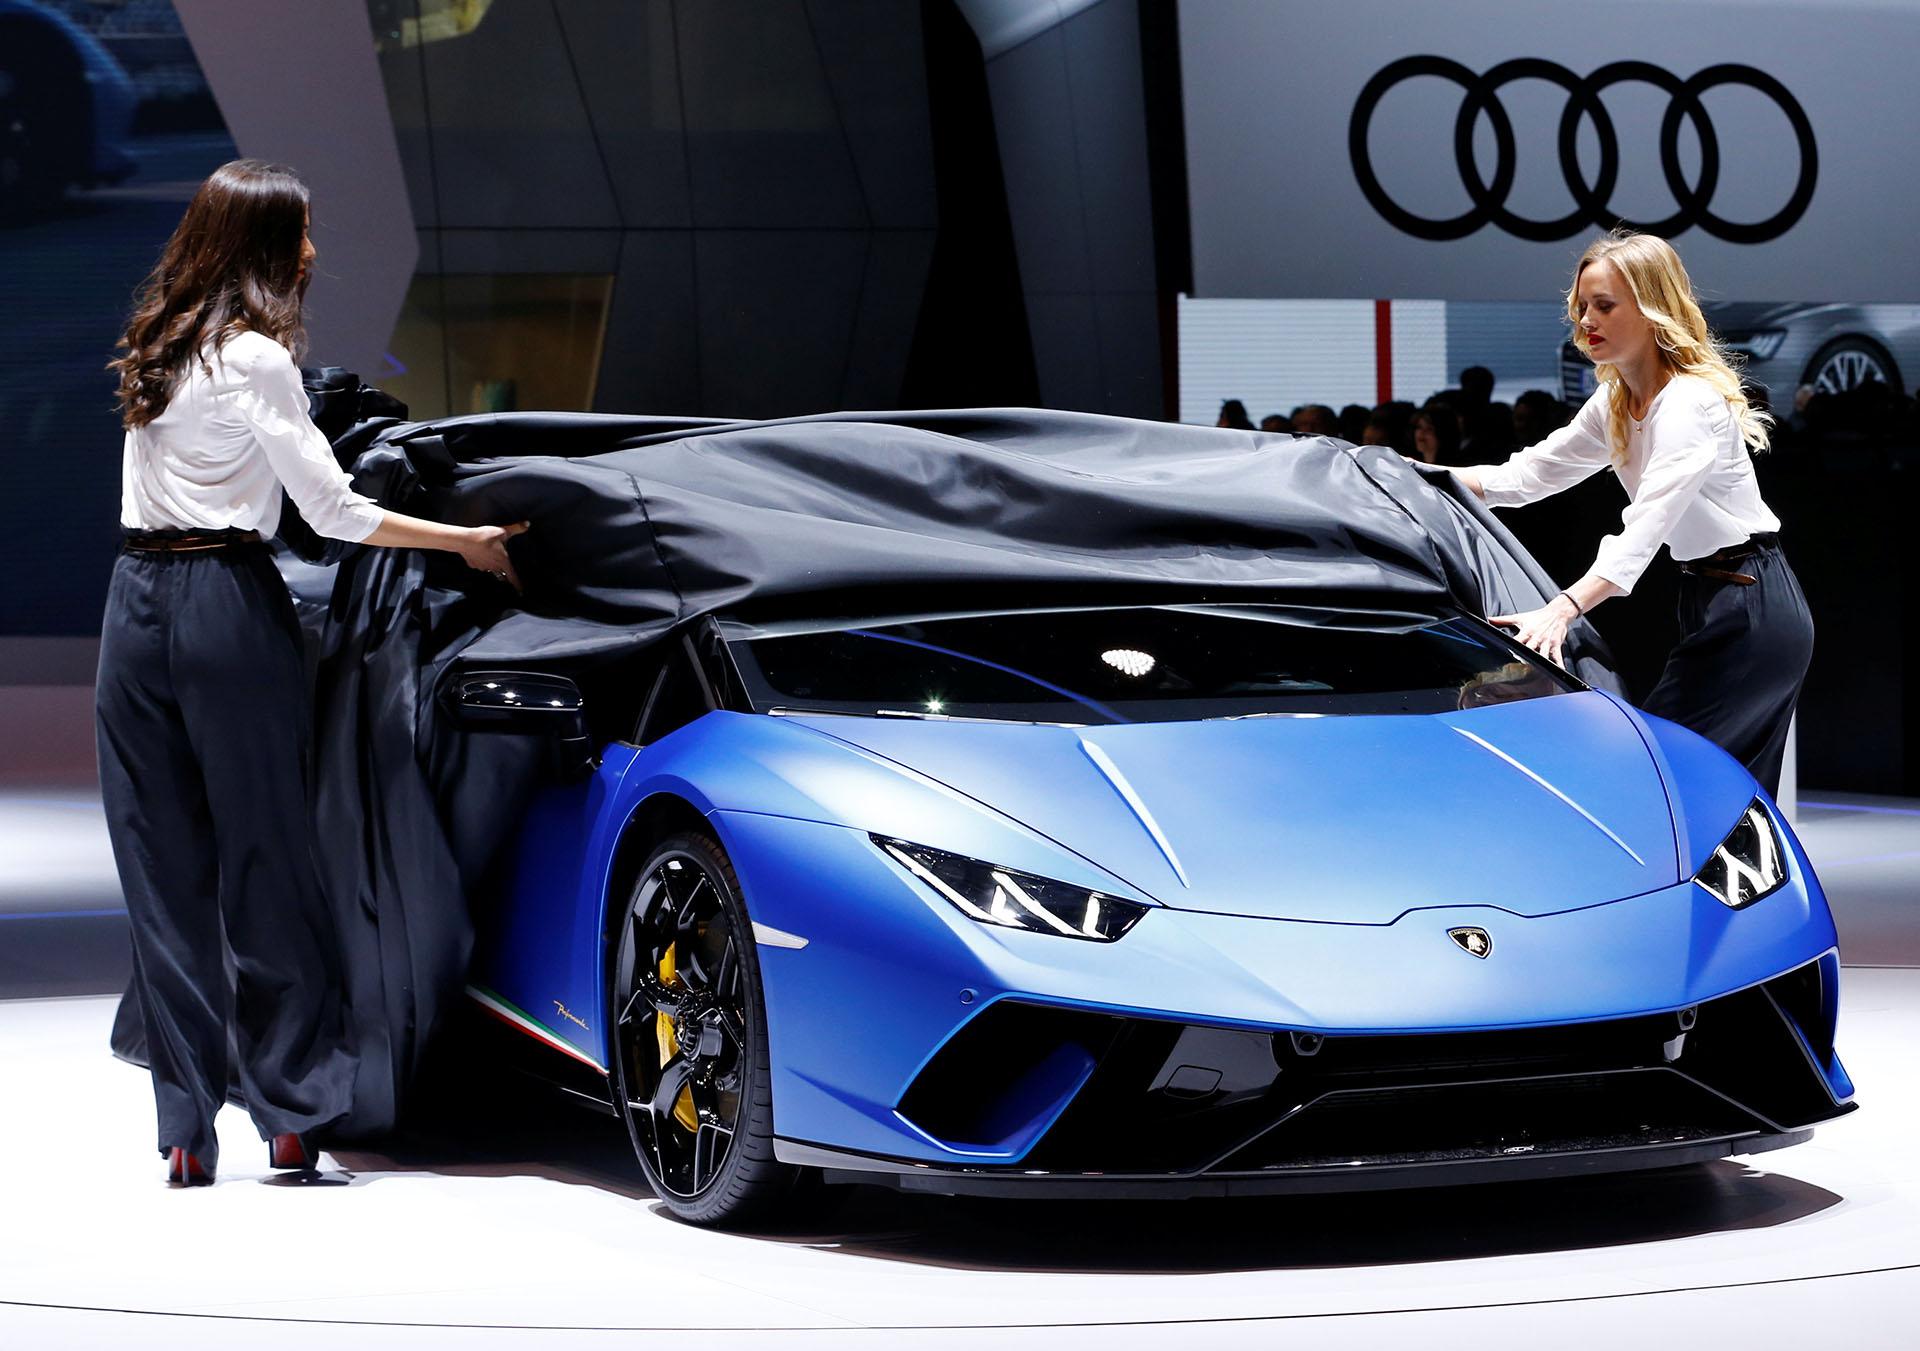 Lamborghini Huracan Performante Spyder es uno de los deportivos más extremos que se exponen en el Salón de Ginebra. El descapotable lleva a un nuevo nivel las sensaciones de conducir a cielo abierto: su motor 5.2 V10 atmosférico eroga 640 caballos de potencia y lo impulsa a 325 kilómetros por hora